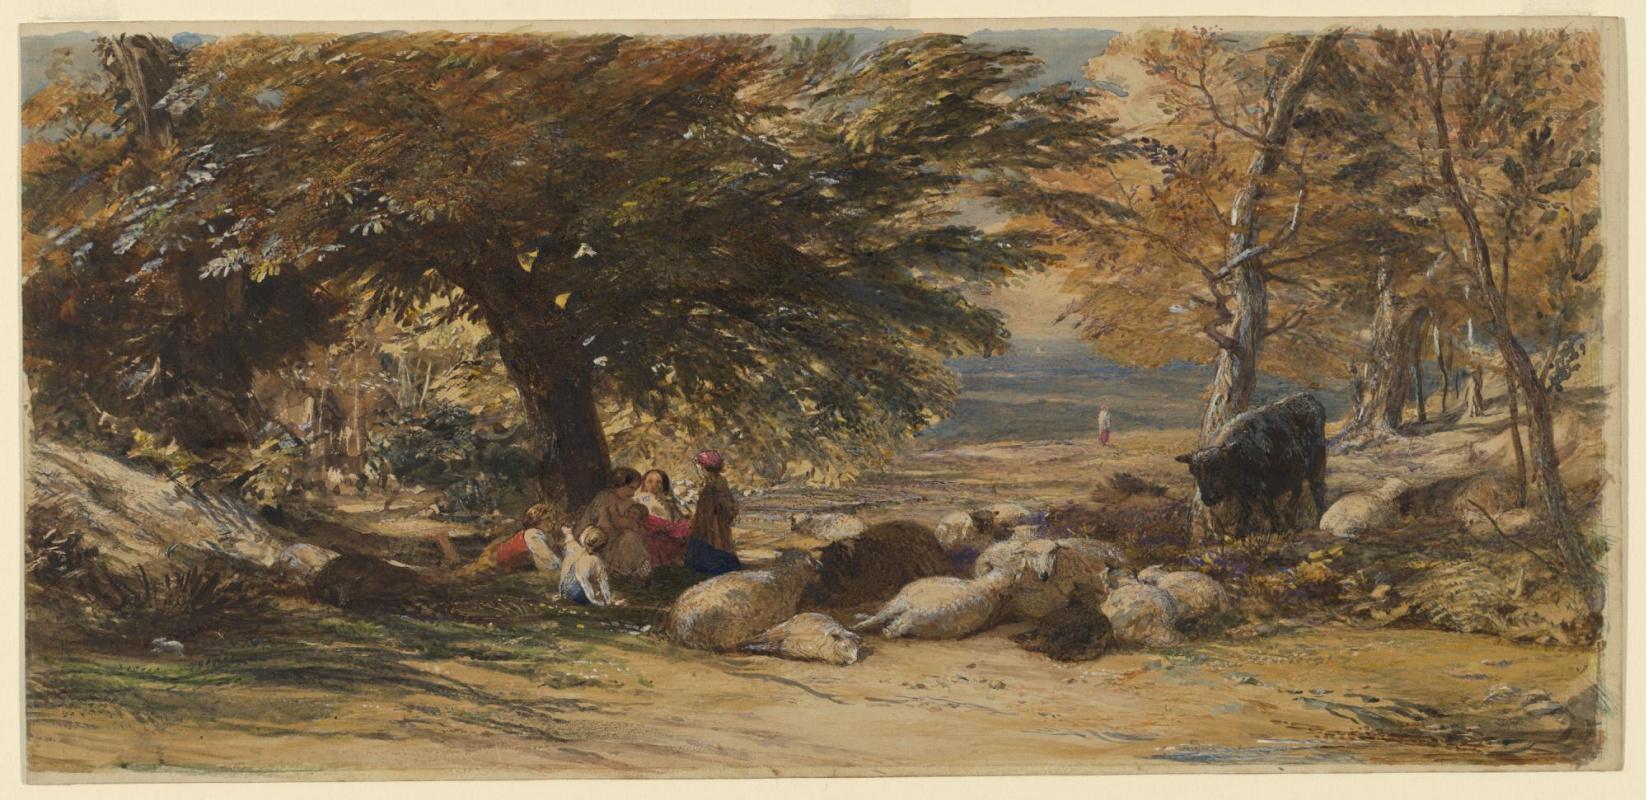 Samuel Palmer. Noon, rest time